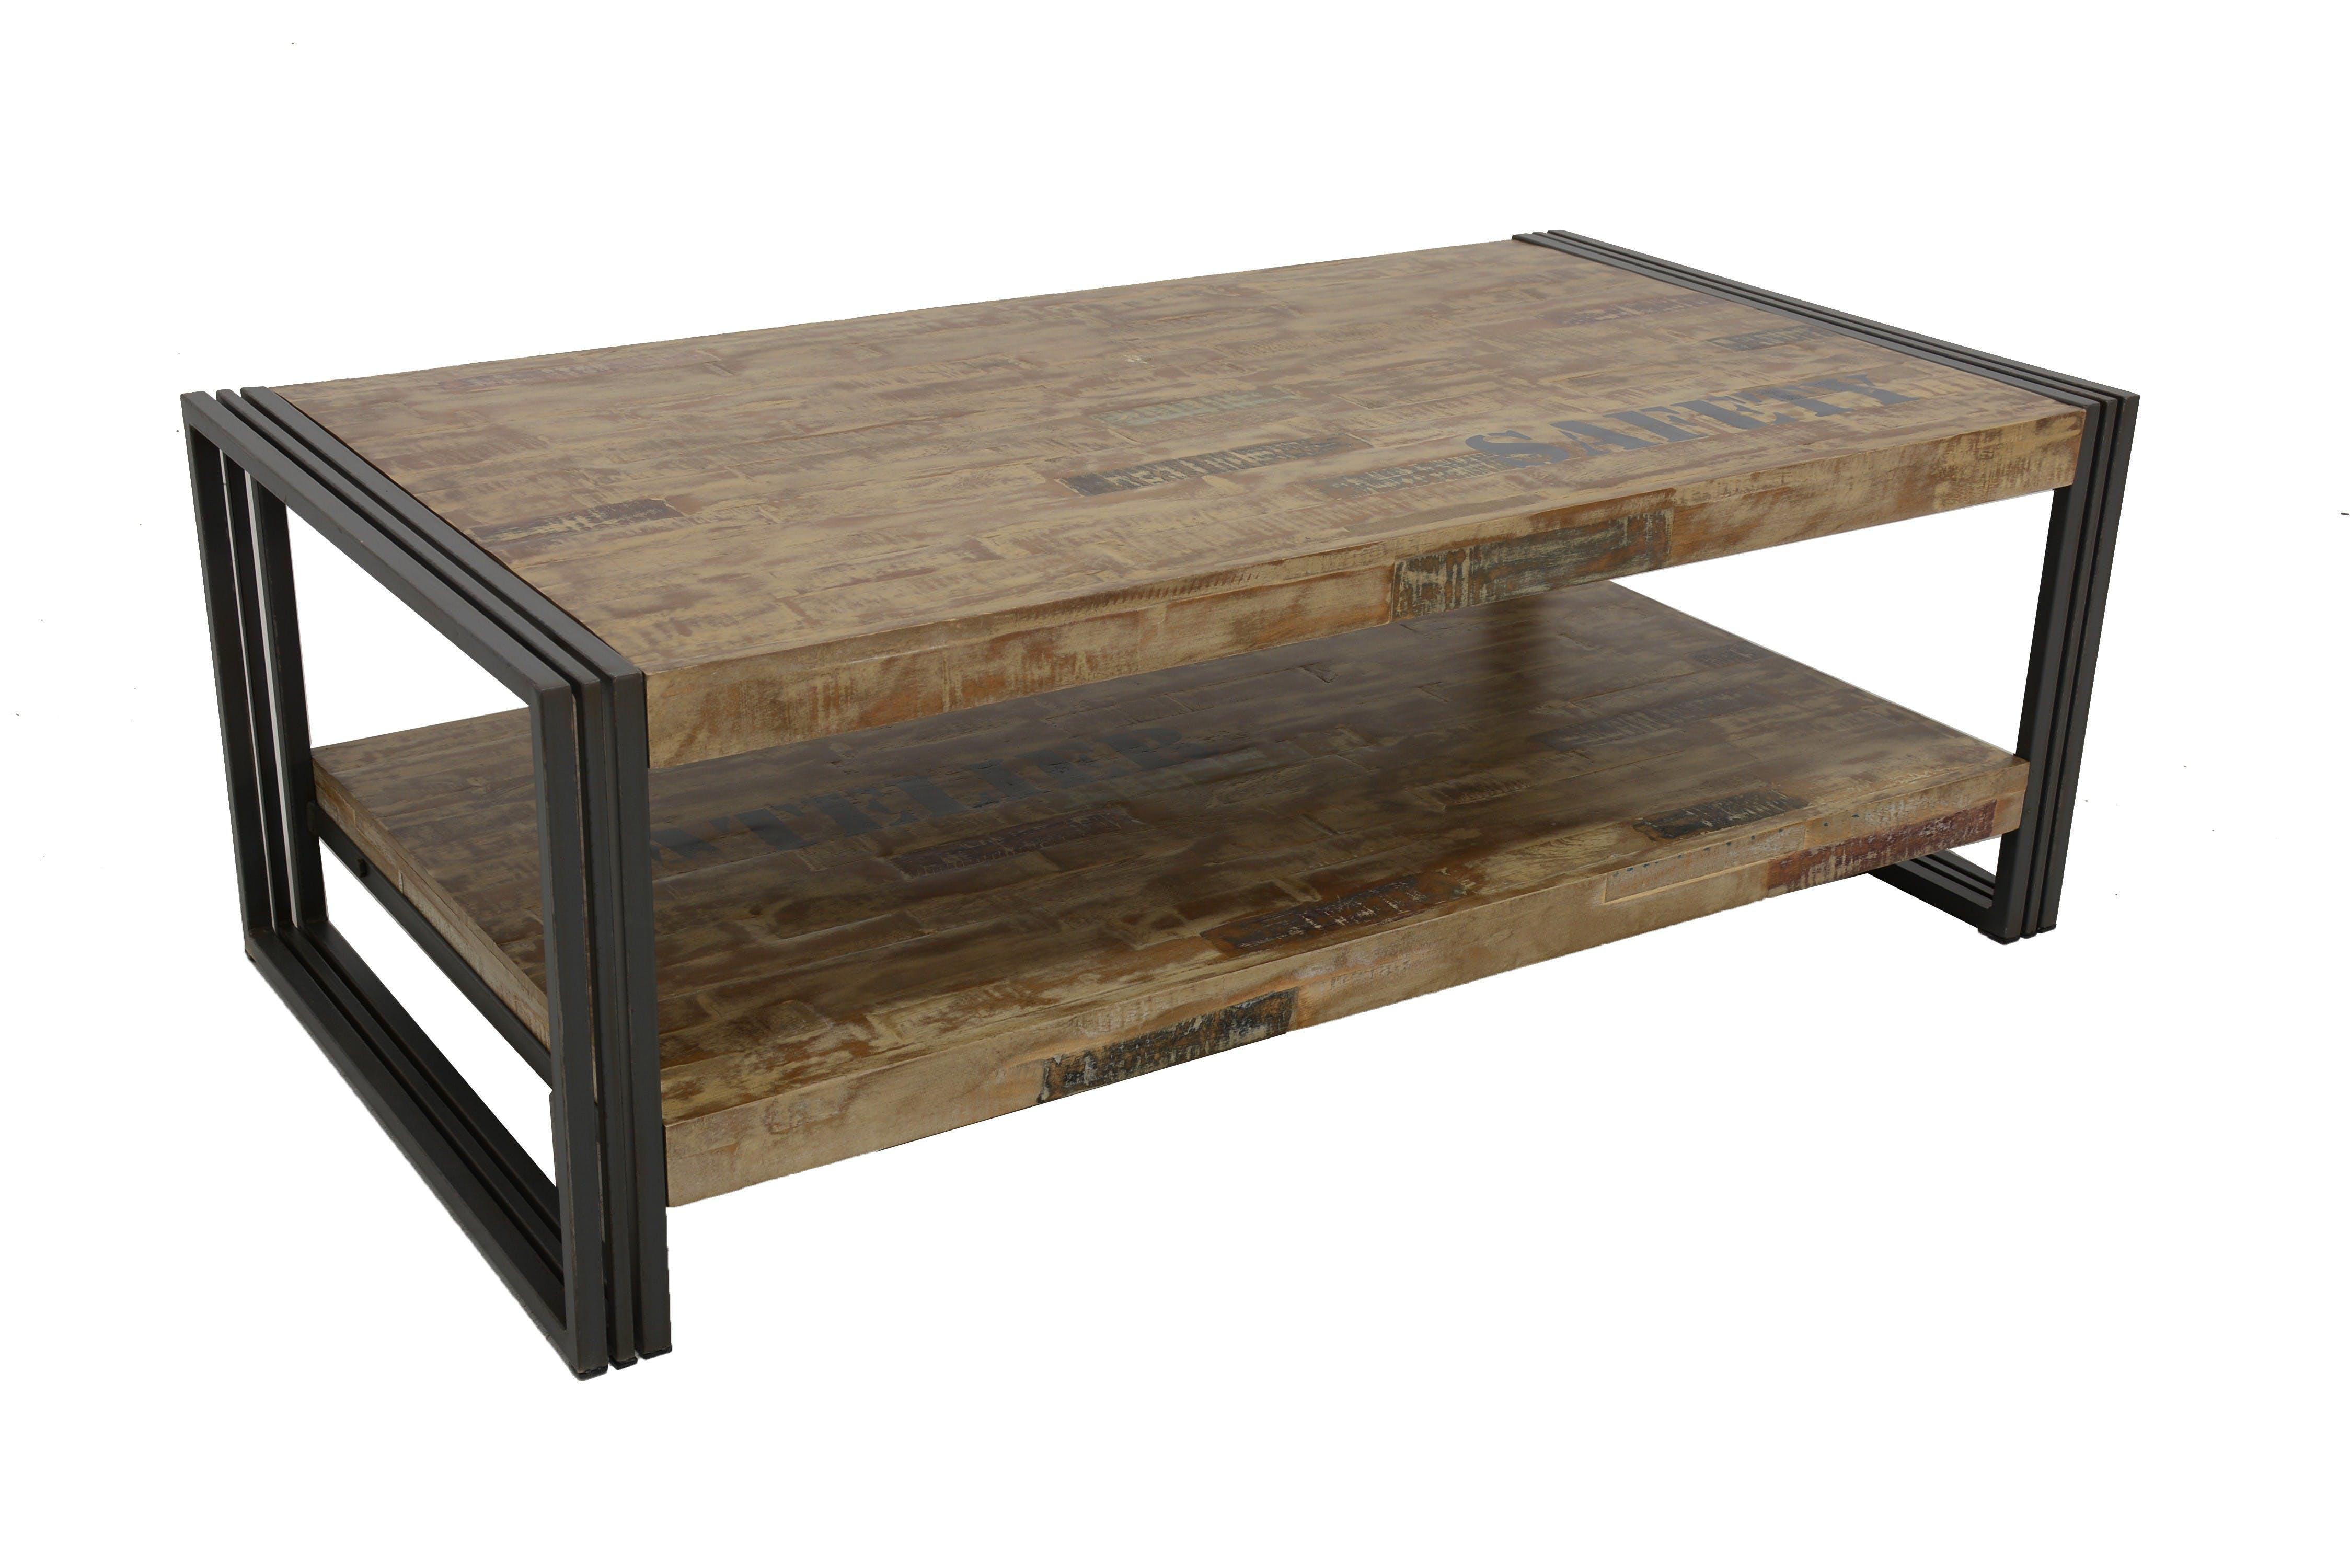 Table basse rectangle hévéa recyclé blanchi et métal noirci 2 plateaux 130X70X45cm DOCKER